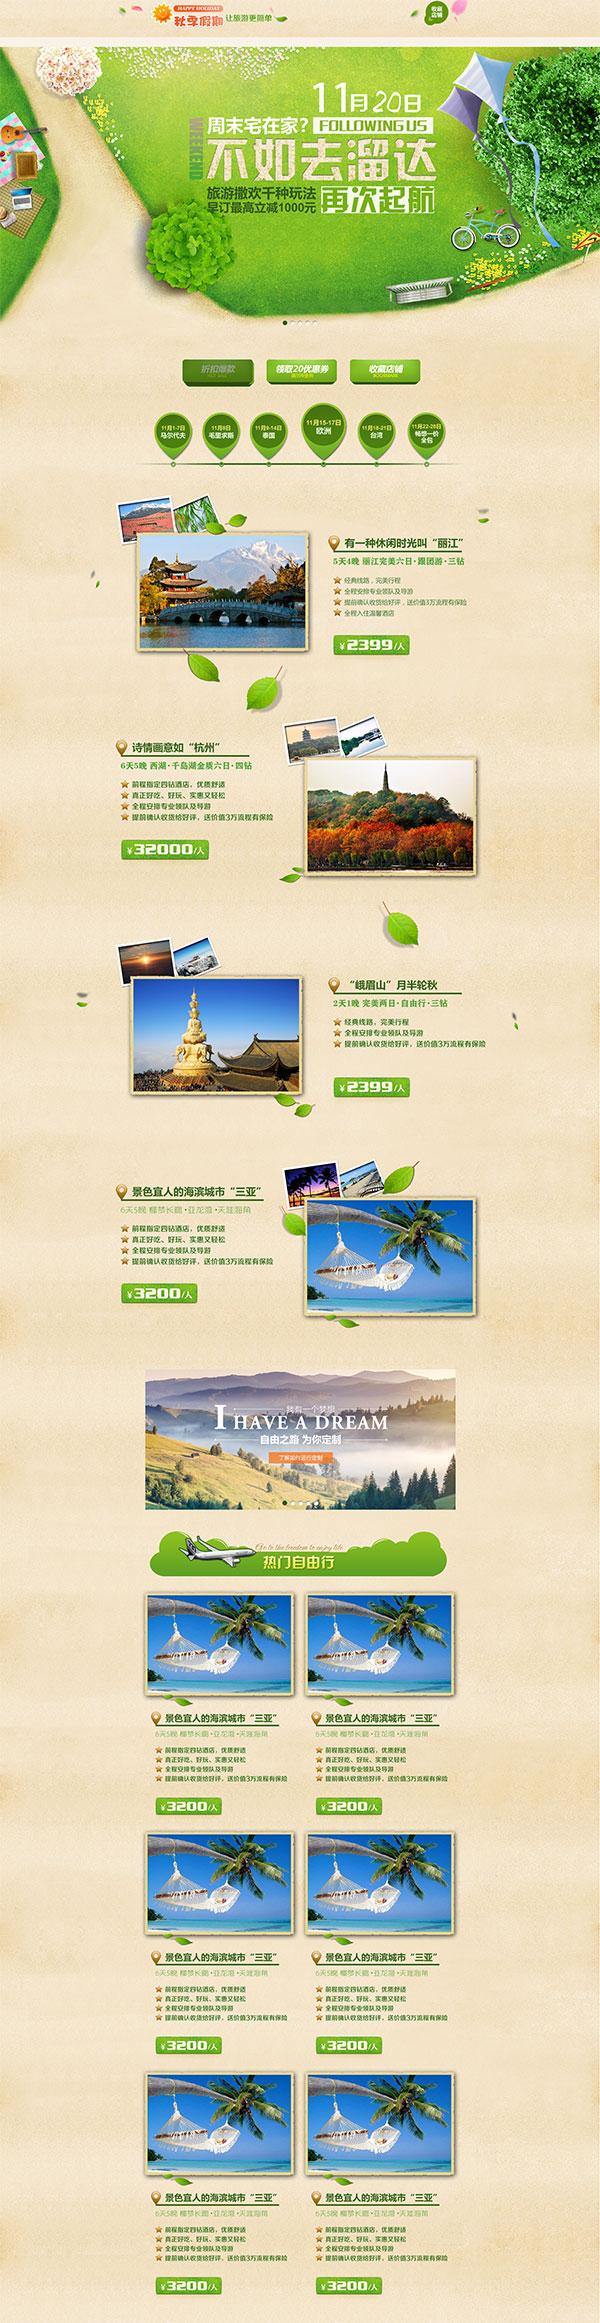 淘宝旅游季利发国际